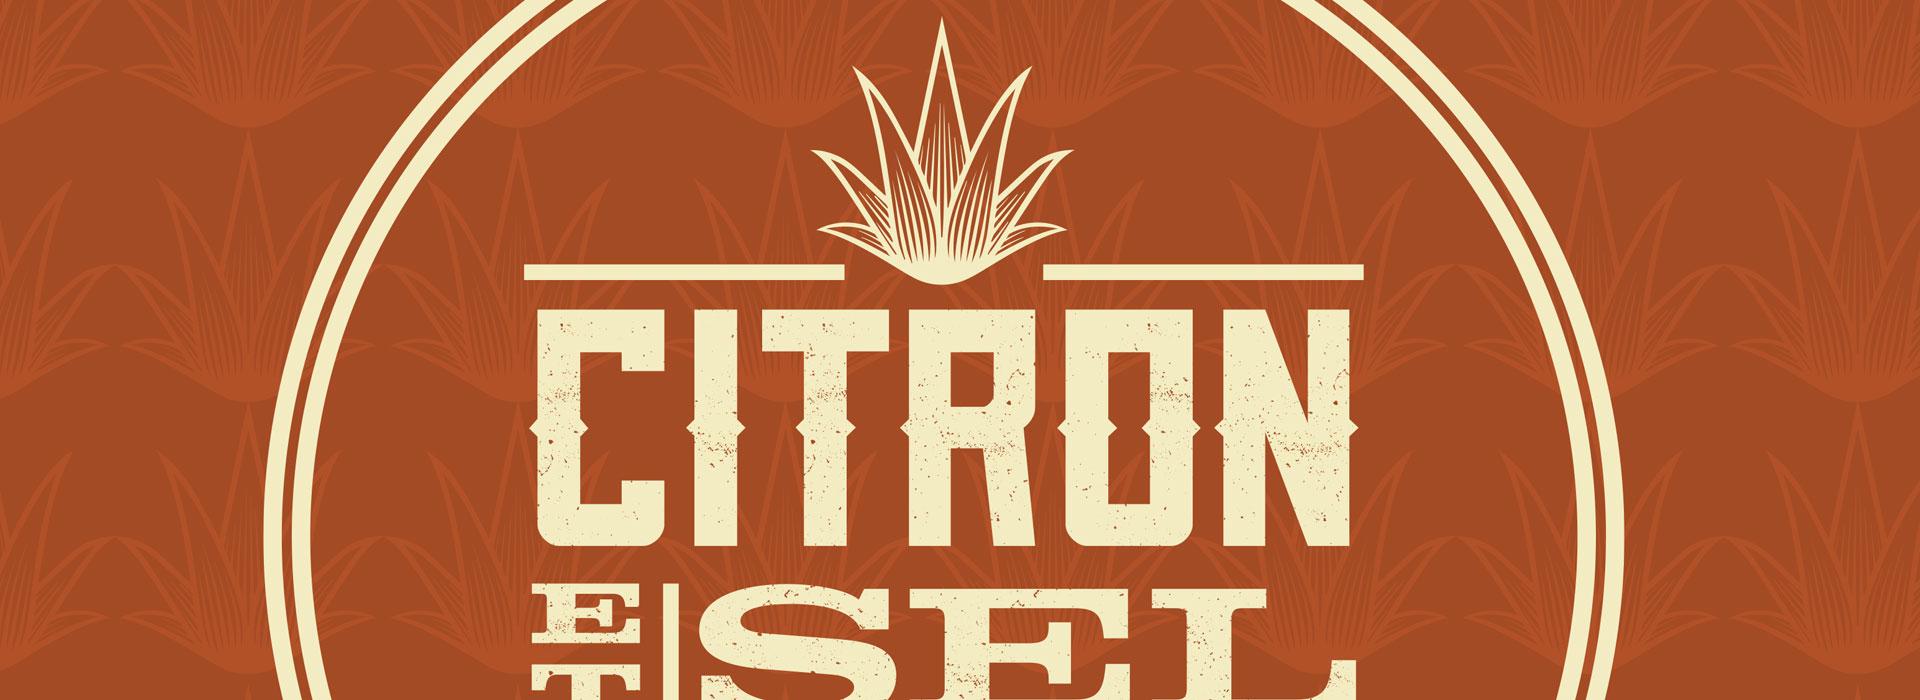 Citron et Sel - Brand Identity, Logo design, Branding